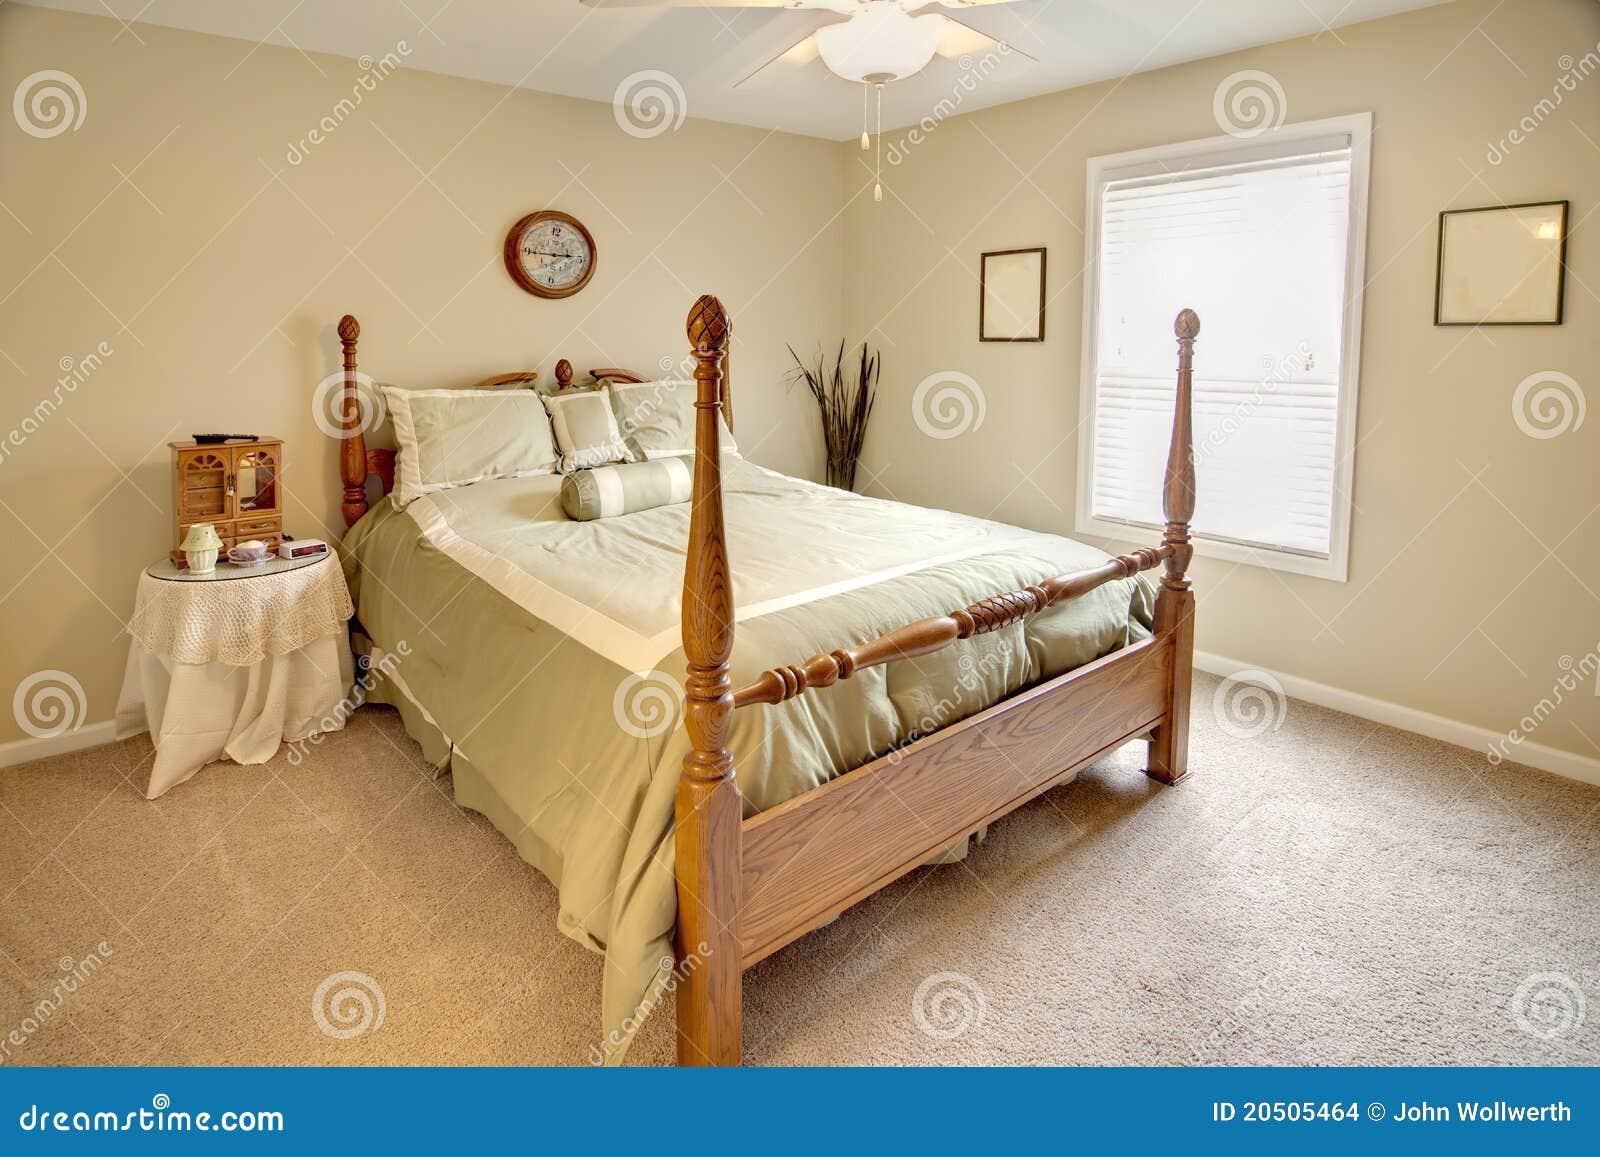 Camere Da Letto Tradizionali : Camera da letto tradizionale fotografia stock immagine di